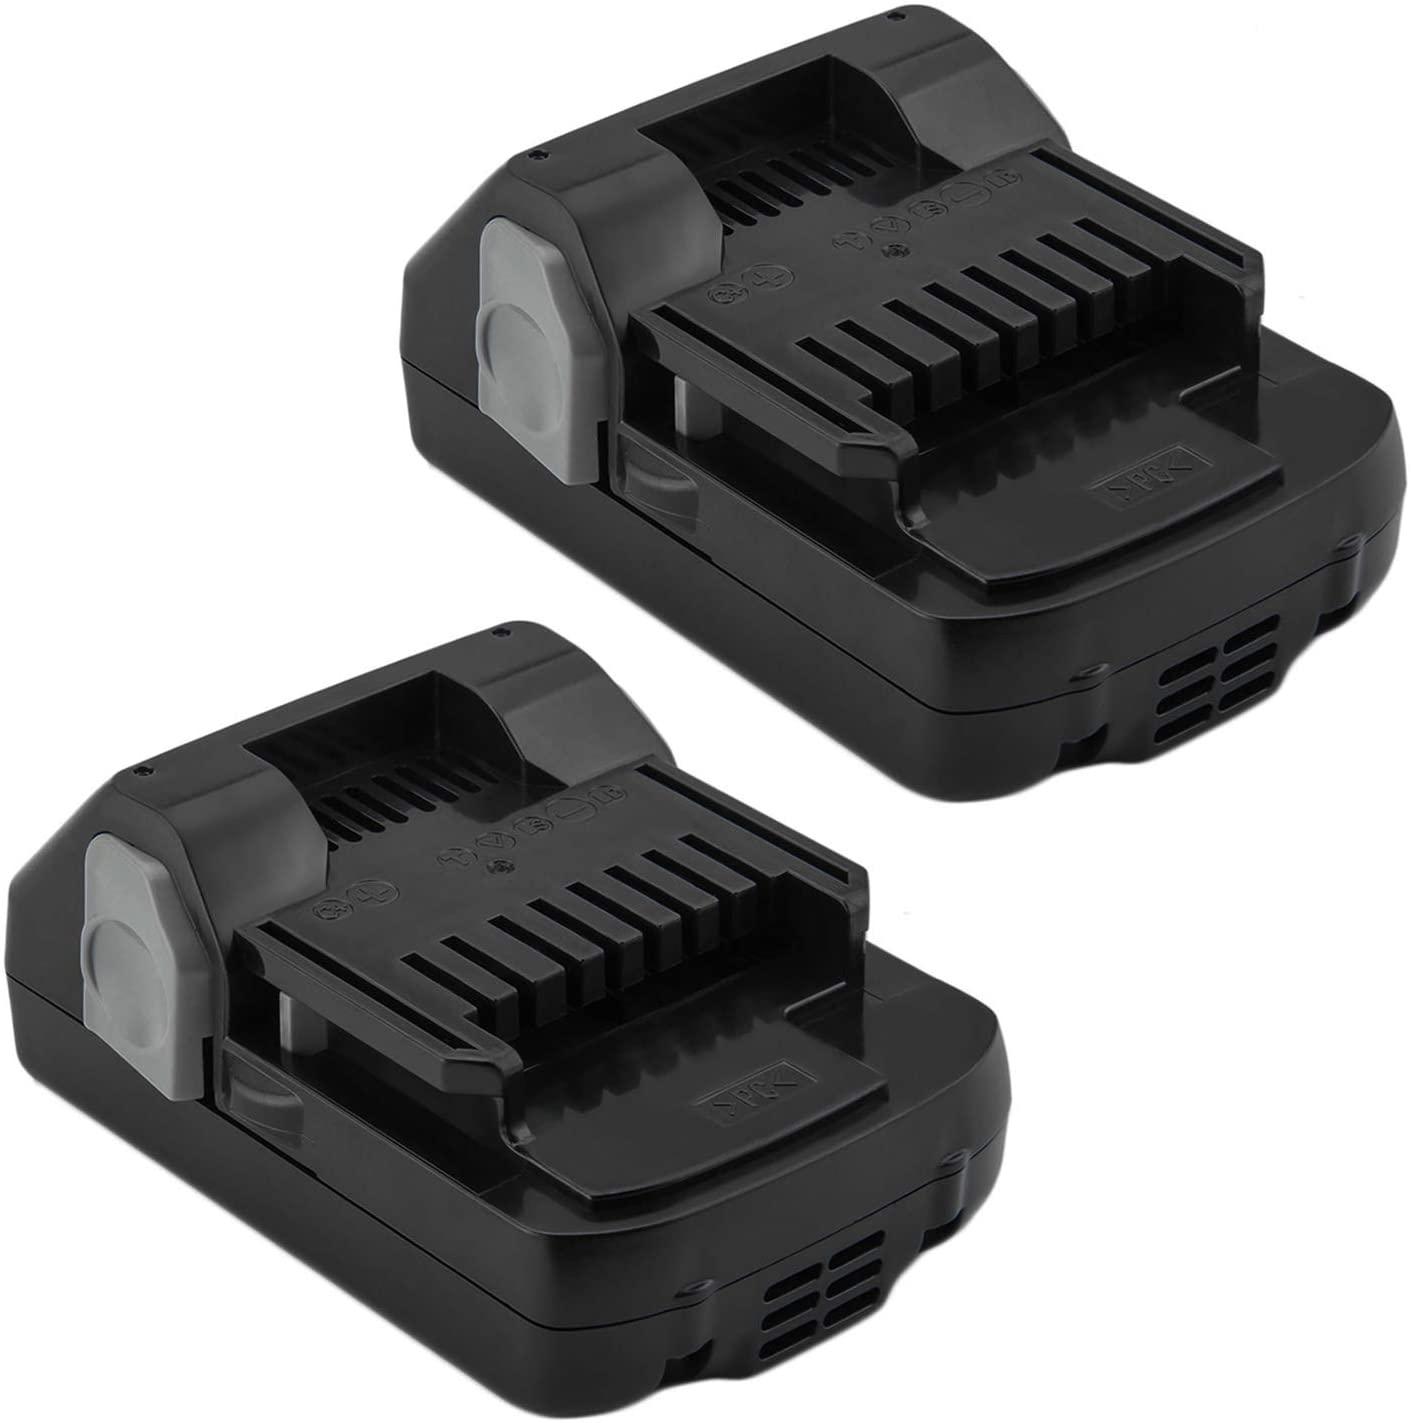 Exmate 2 Pack 18V 2.5Ah Li-ion Slide Style Battery for Hitachi 339782 BSL1830C BSL1815S BSL1815X BSL1830 330139 330557